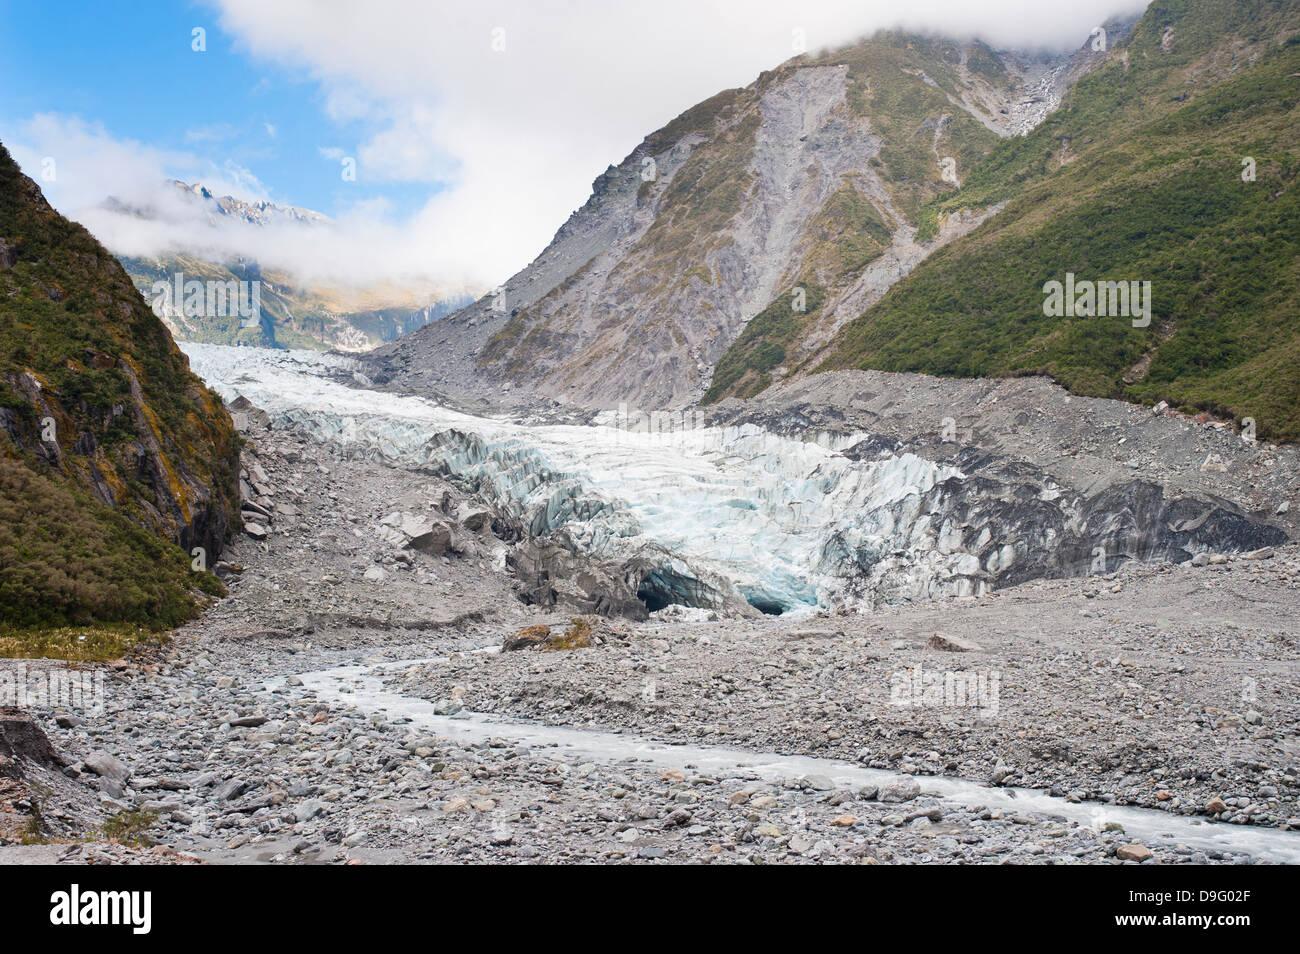 L'eau de fonte des glaciers, de la rivière Fox Glacier, Westland National Park, site du patrimoine mondial de l'UNESCO, l'île du Sud, Nouvelle-Zélande Banque D'Images